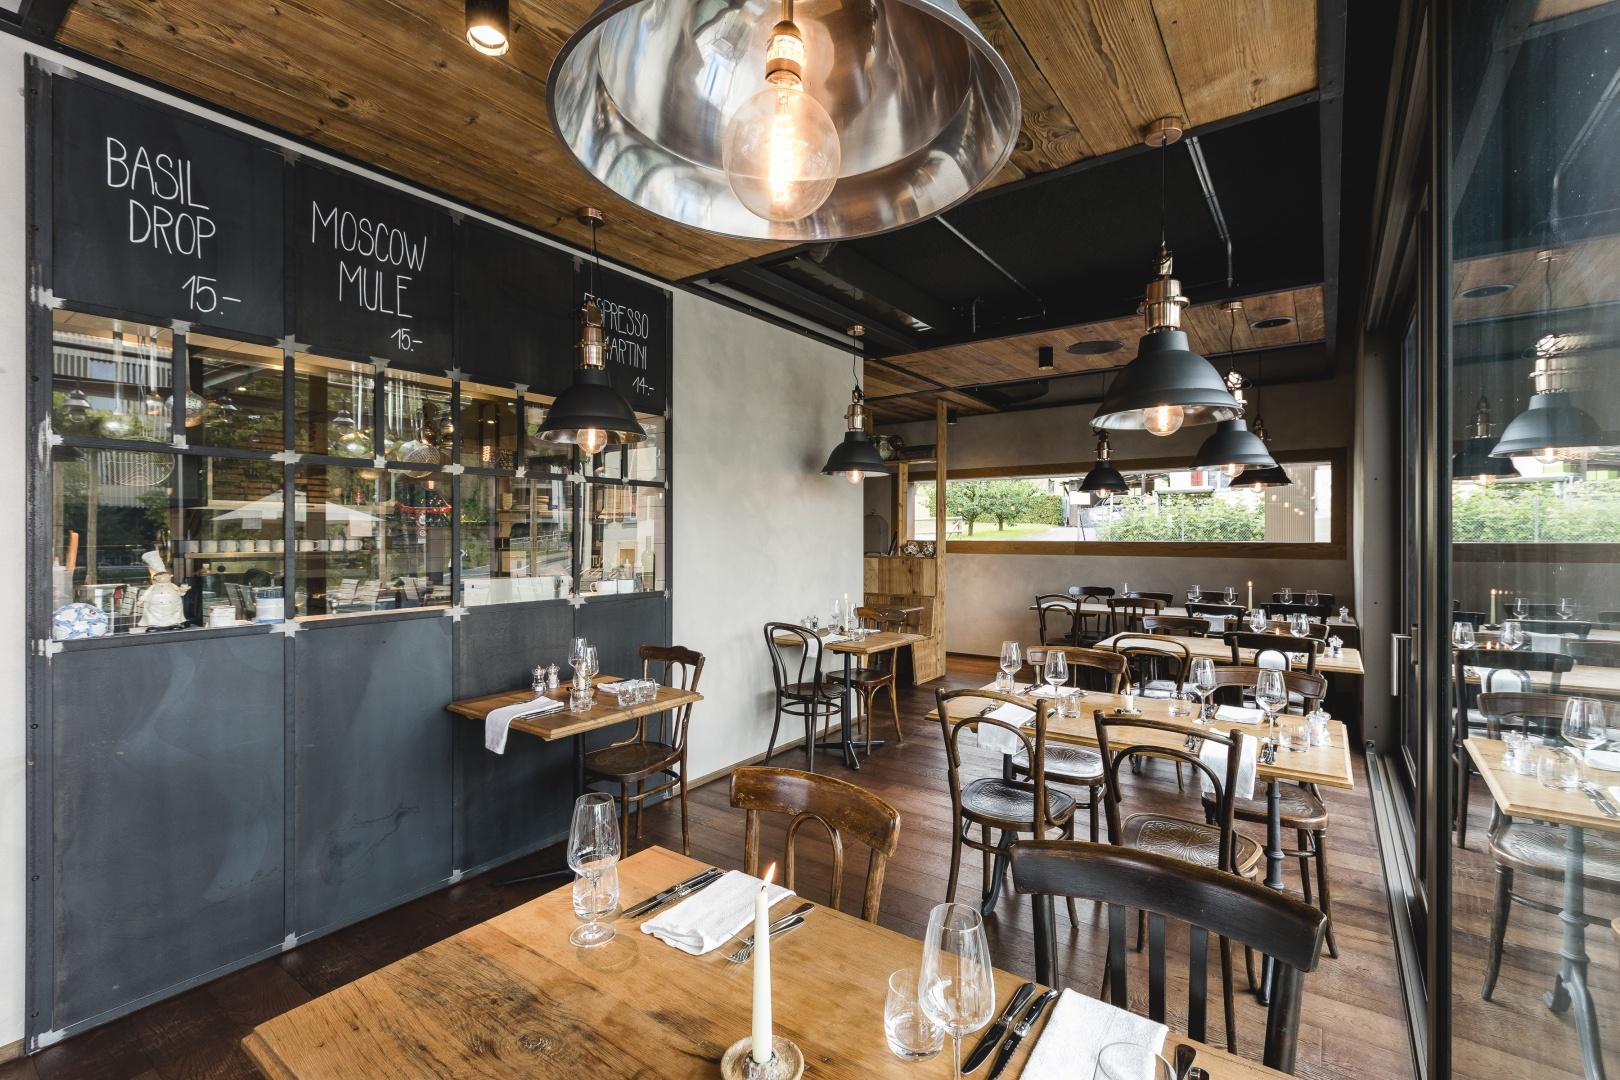 Tische mit Blick in Restaurantküche © IMAGESTUDIO | philipp koch photography